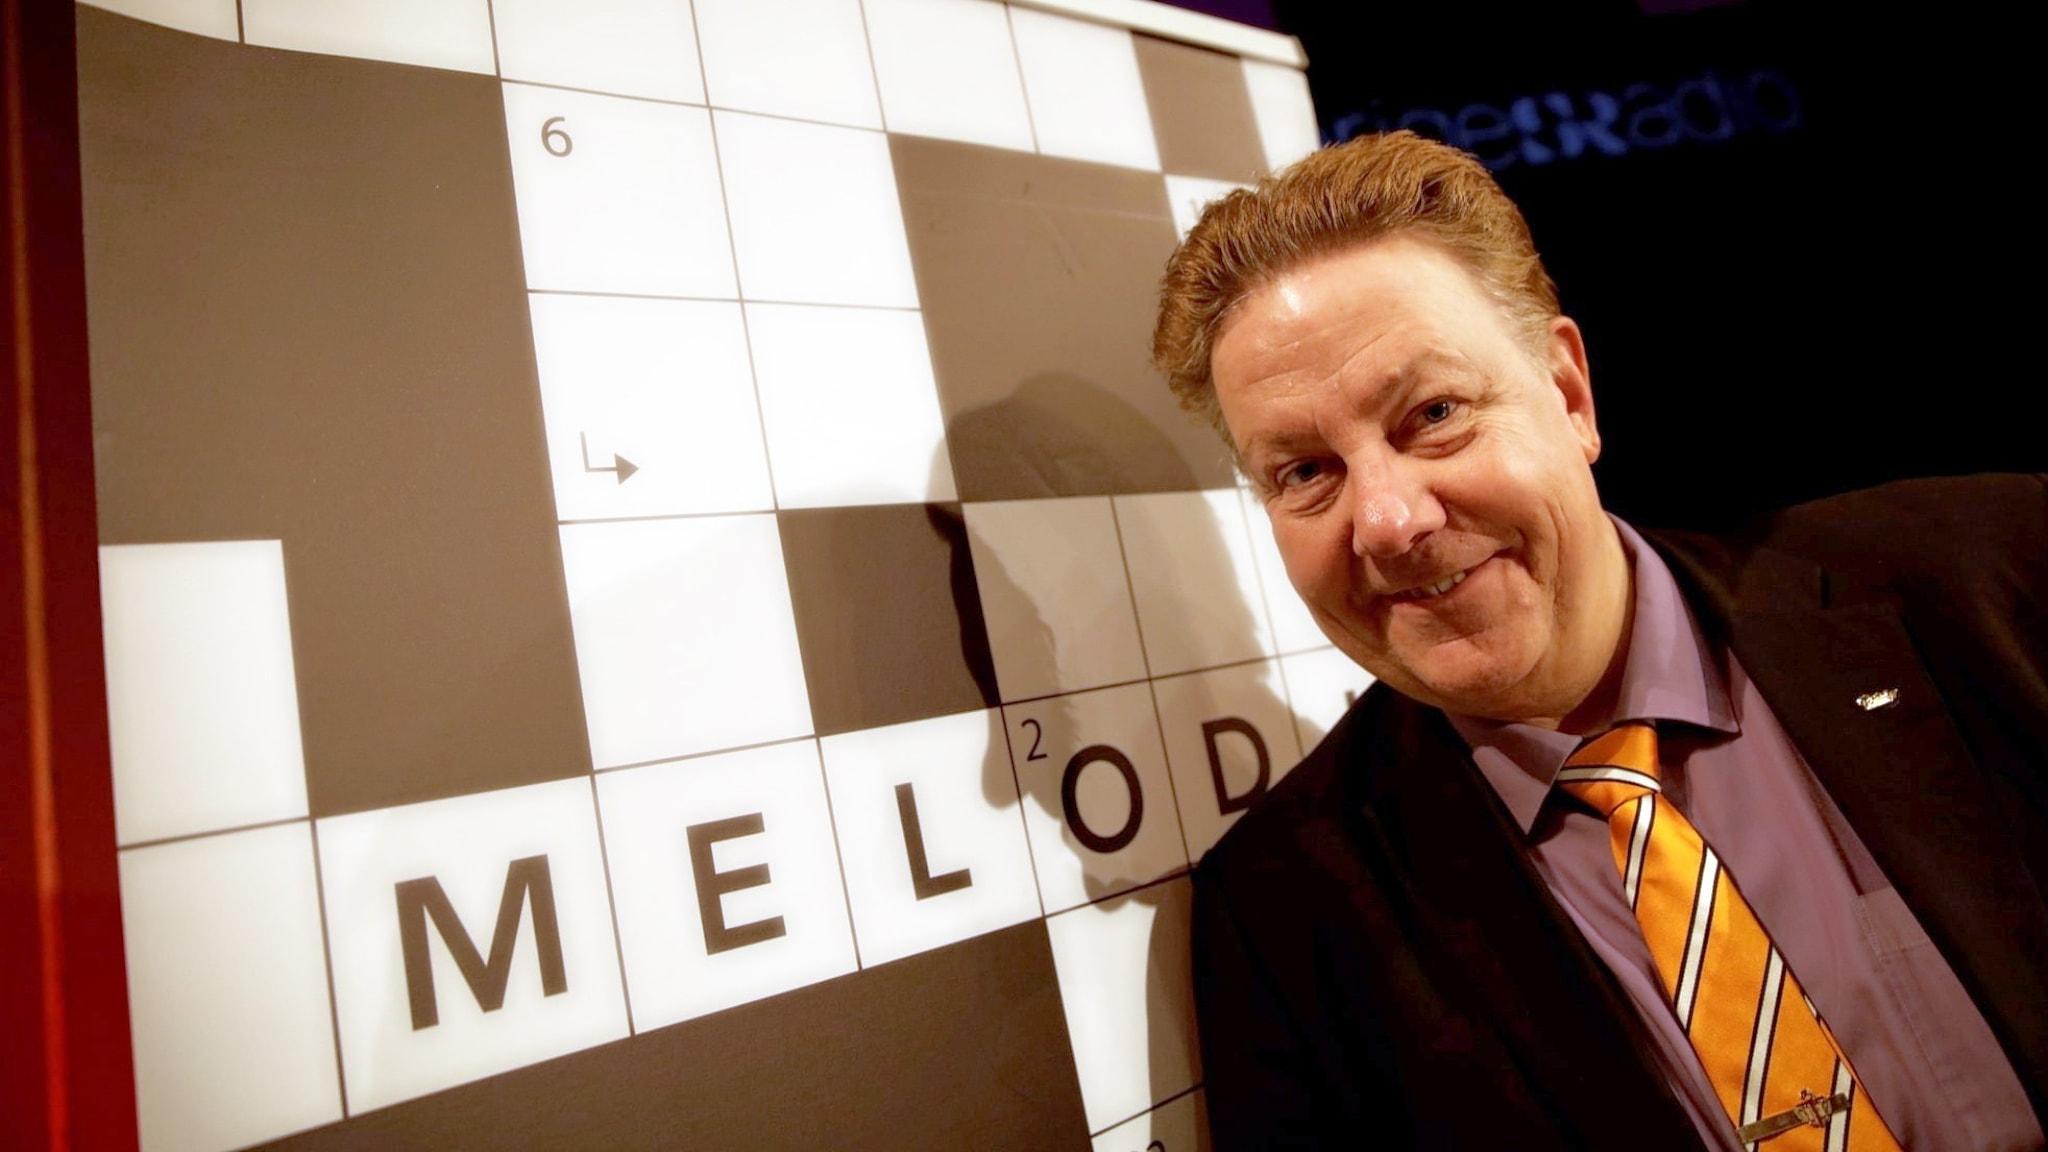 I Melodikrysset ställs frågor kring musik och artister. Fyll i kryssplanen för att vinna äran och de fina priserna som presenteras i programmet. Anders Eldeman leder som vanligt programmet.